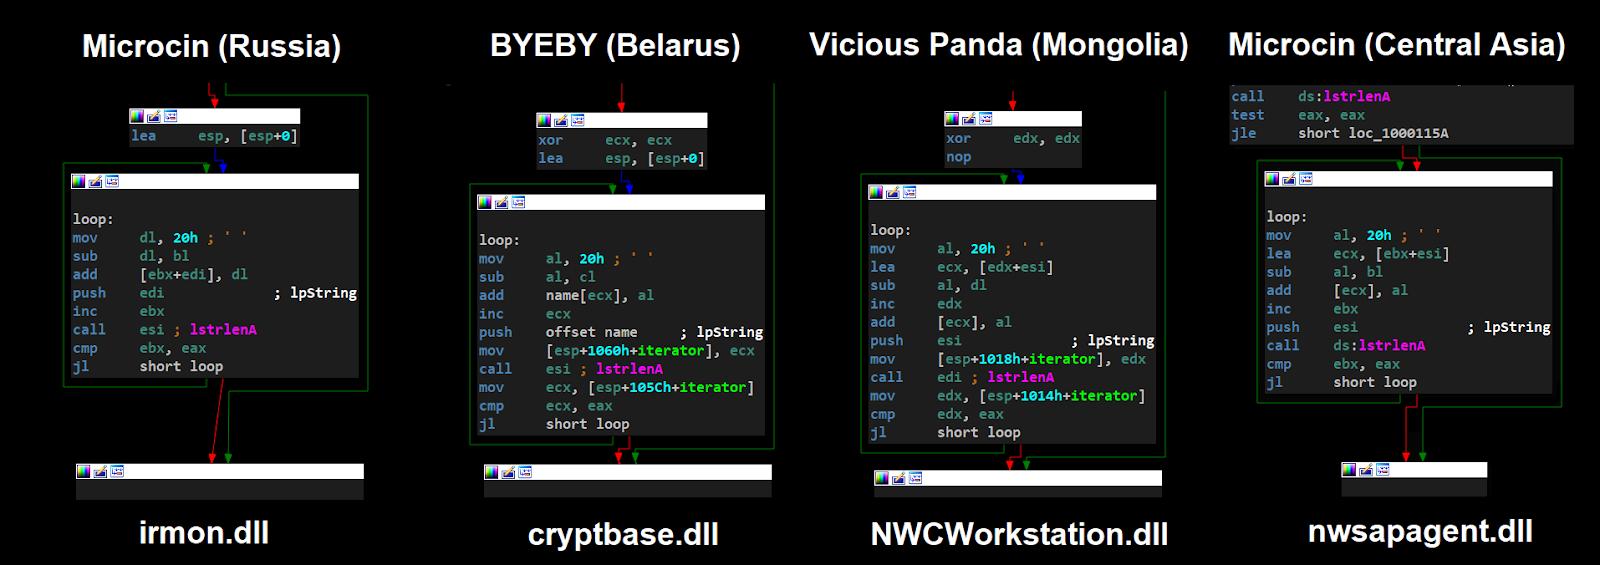 Китайские хакеры атаковали телекоммуникационную и газовую компании в Центральной Азии